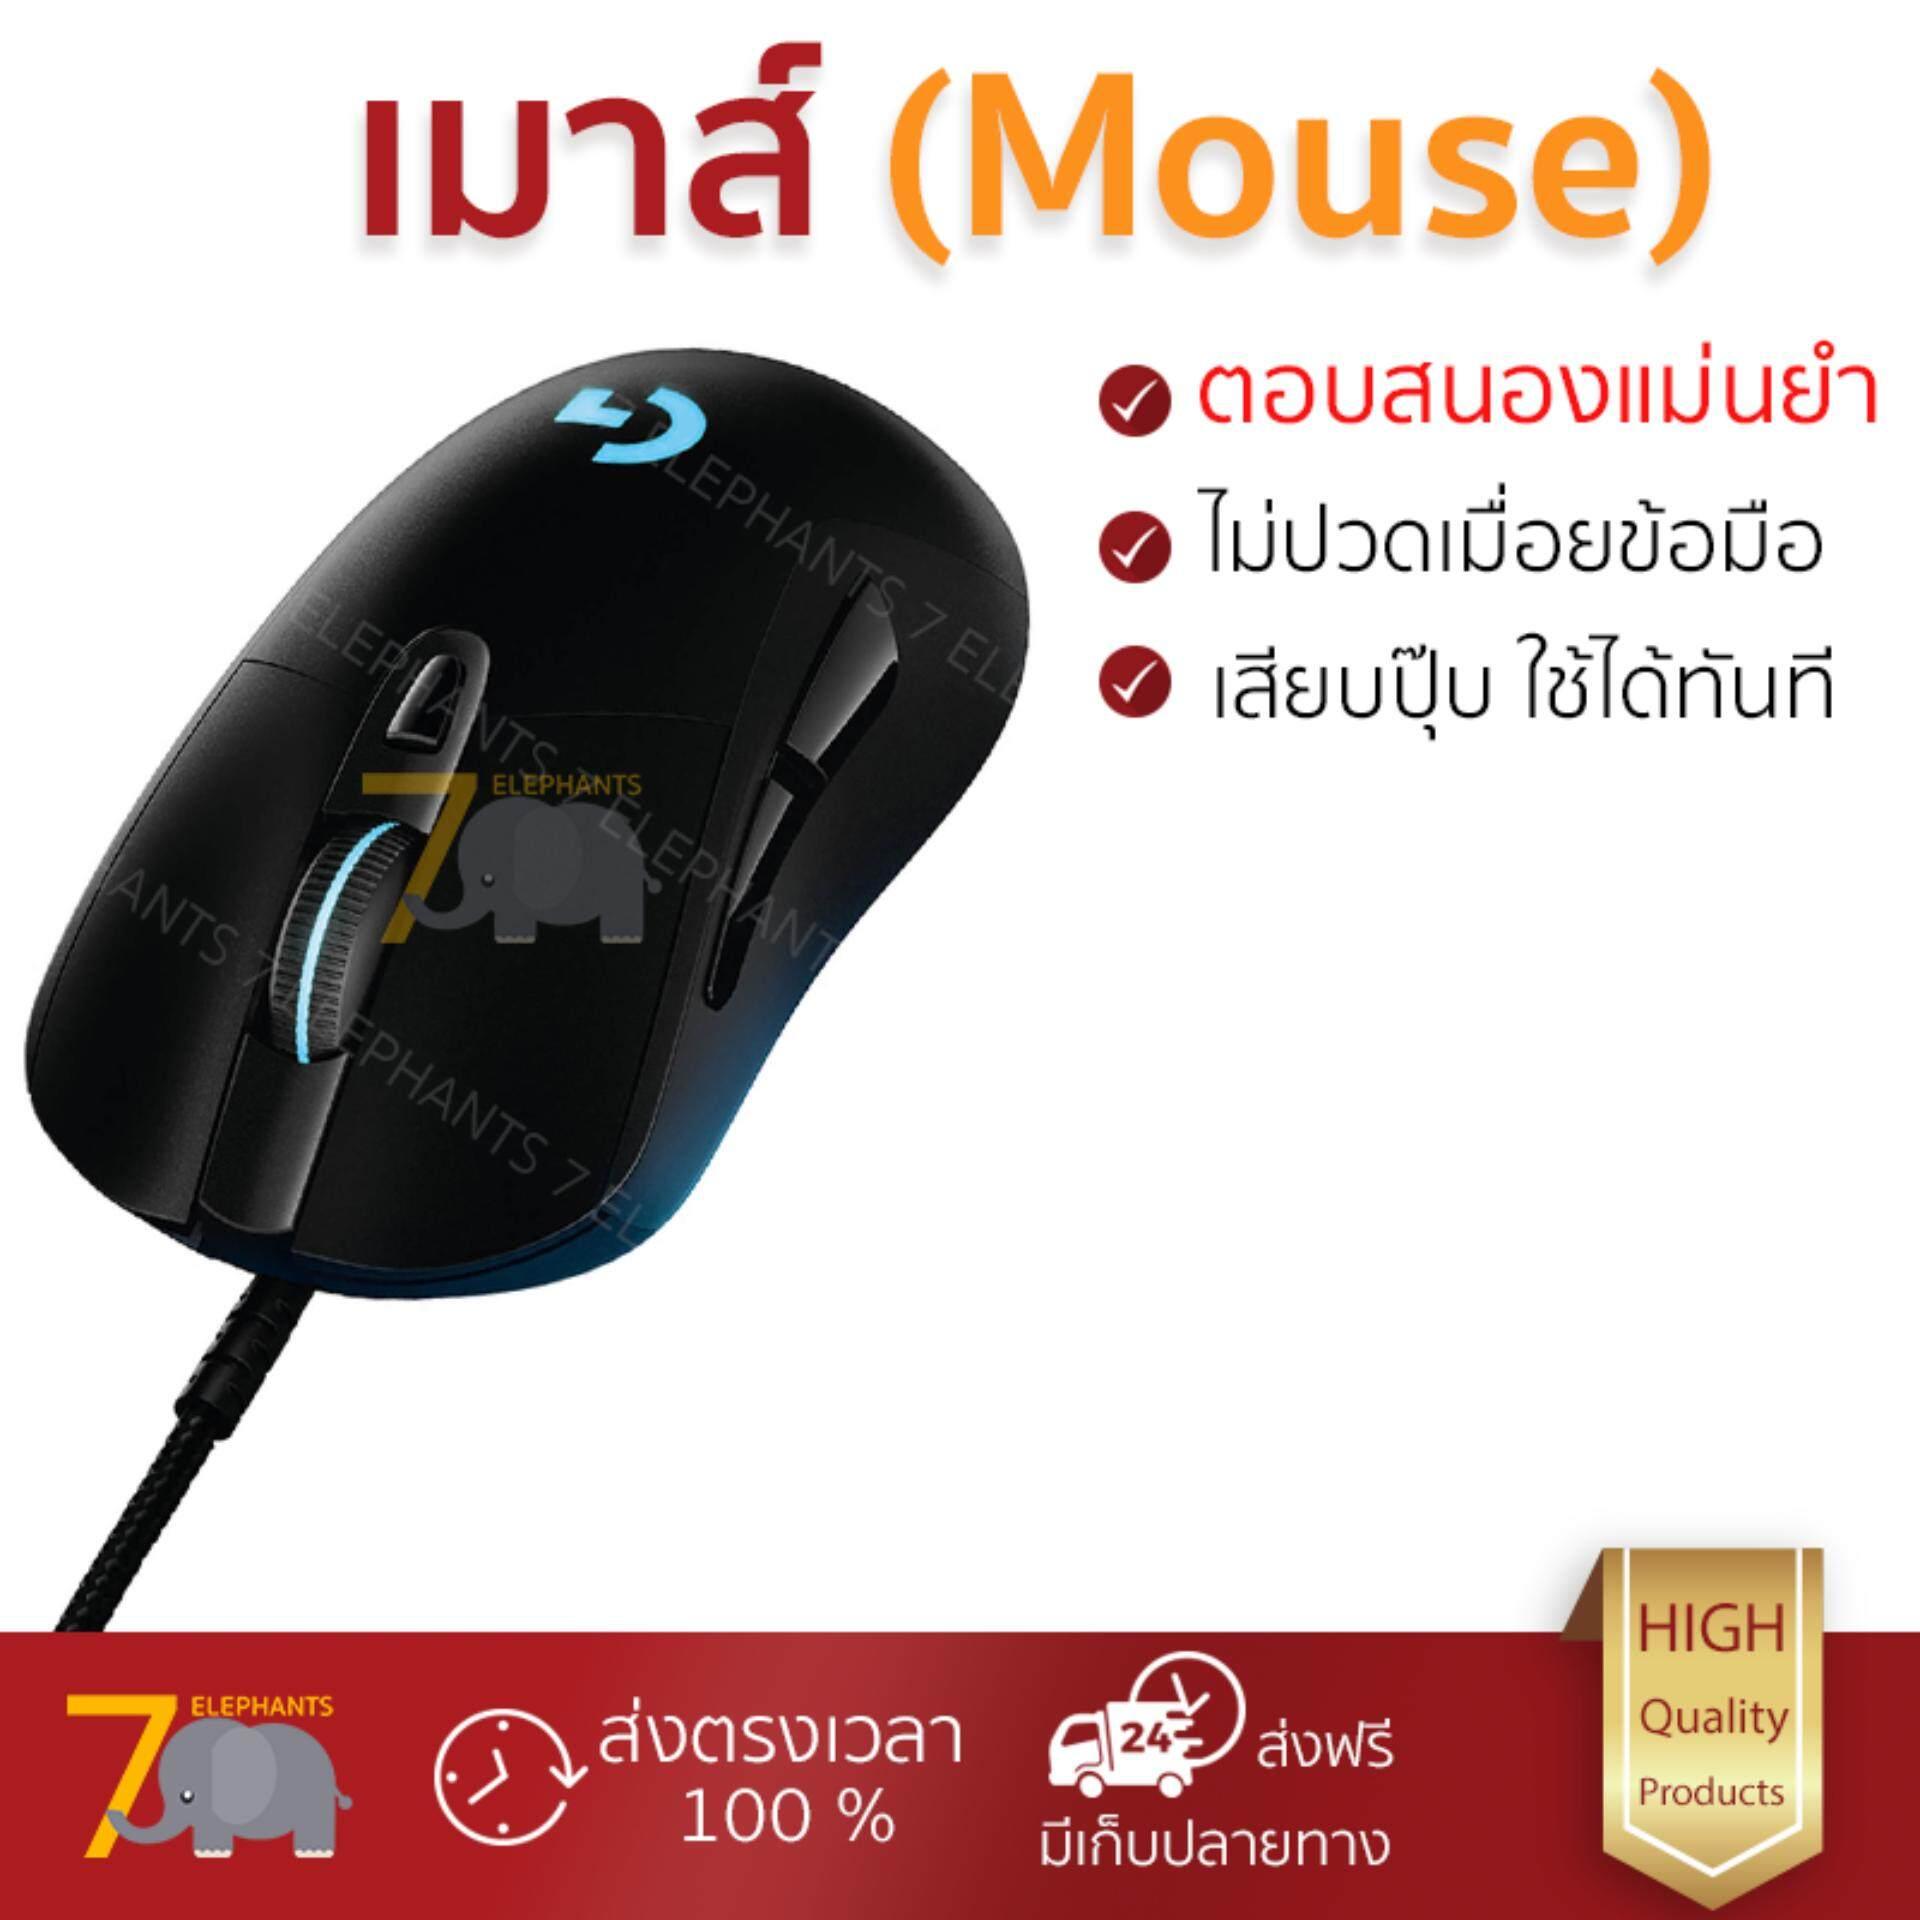 เก็บเงินปลายทางได้ รุ่นใหม่ล่าสุด เมาส์           LOGITECH เมาส์เกมมิ่ง (สีดำ) รุ่น G403 Prodigy Wired             เซนเซอร์คุณภาพสูง ทำงานได้ลื่นไหล ไม่มีสะดุด Computer Mouse  รับประกันสินค้า 1 ปี จัด